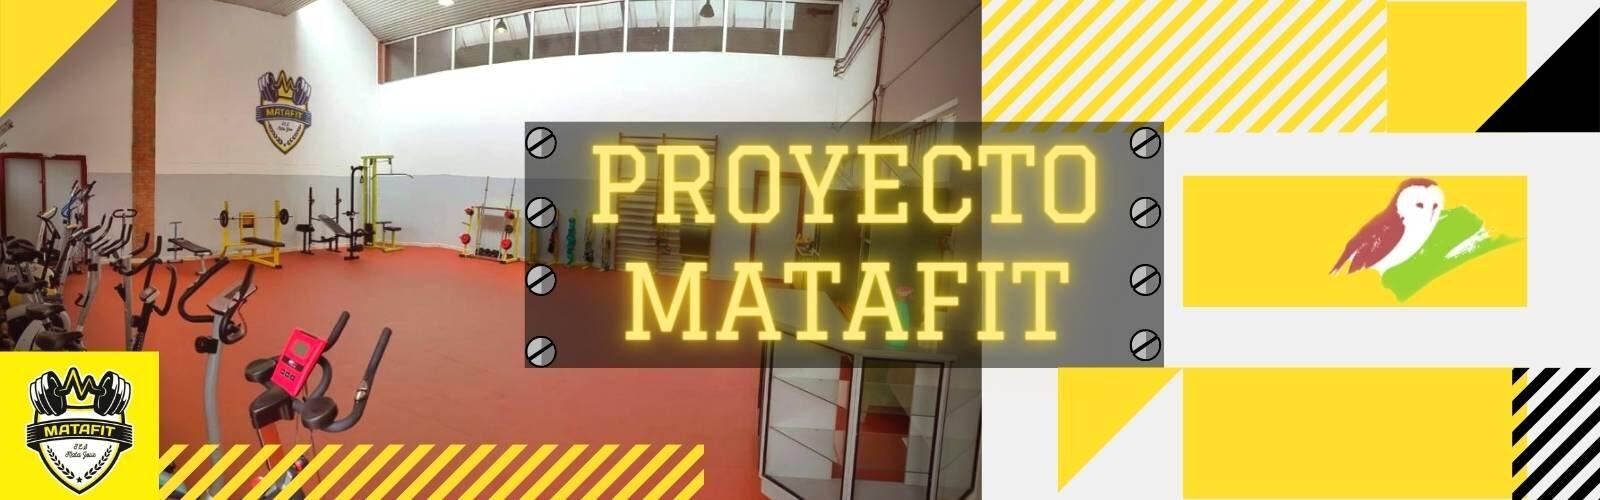 Proyecto MATAFIT